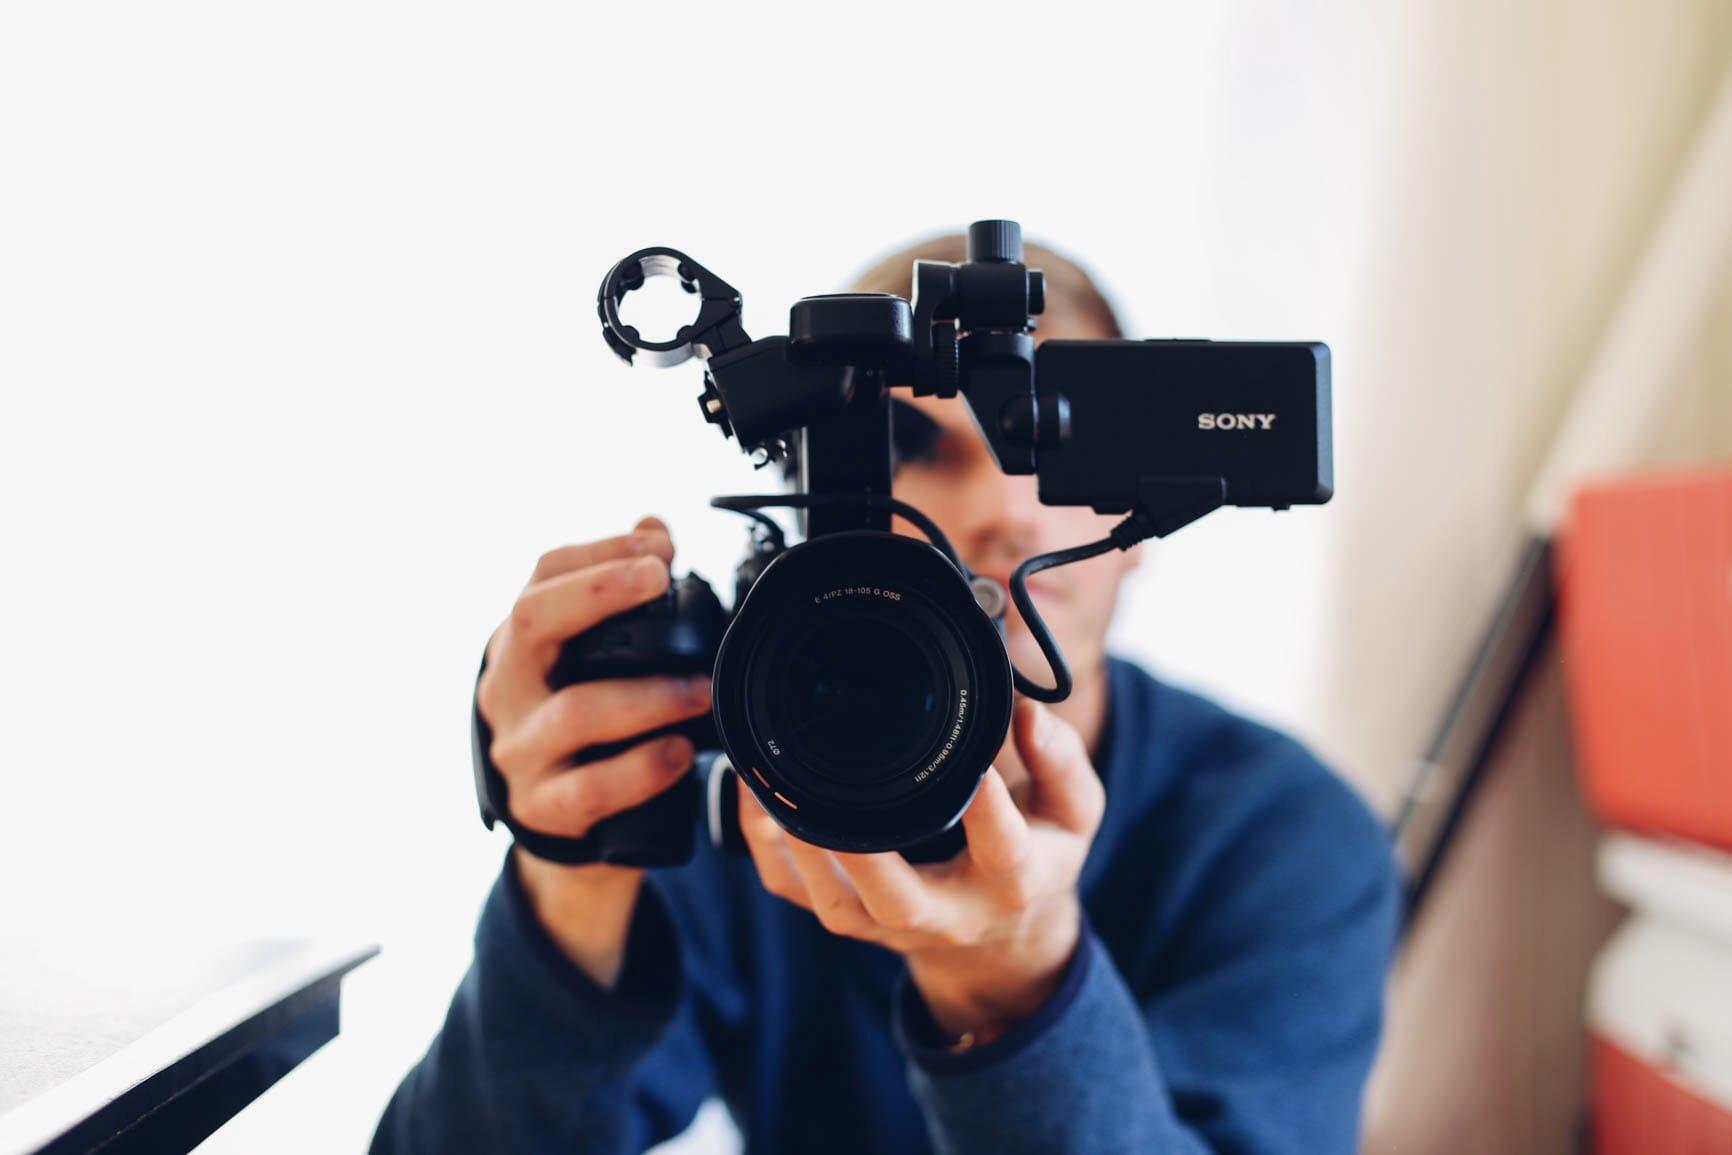 Vlogが人気な理由とその魅力【種類と収益の仕組みも解説】